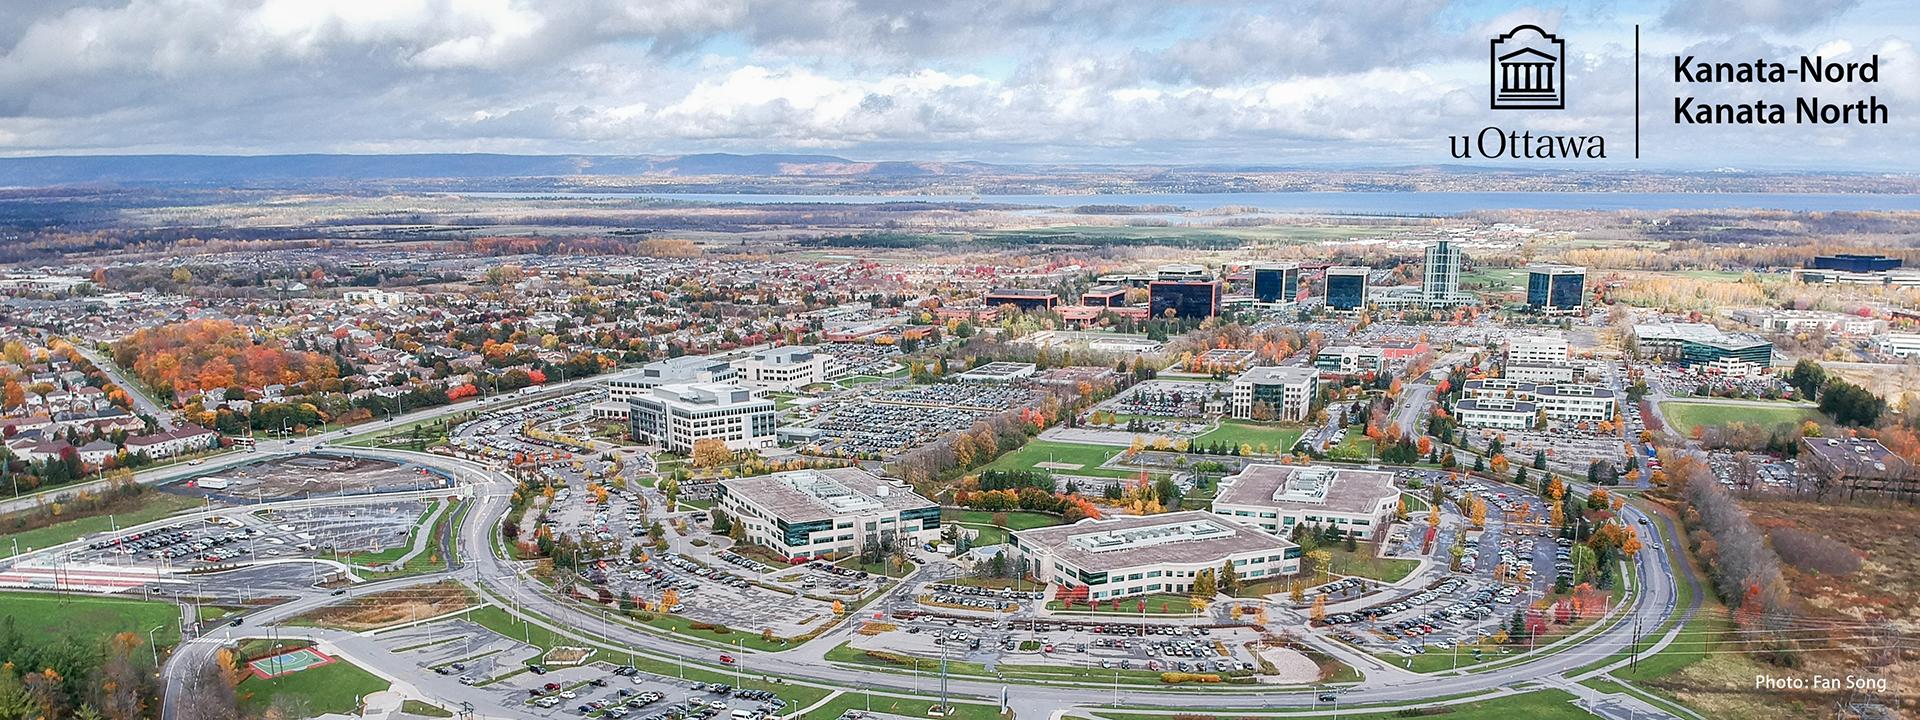 Vue aérienne du parc technologique Kanata-Nord